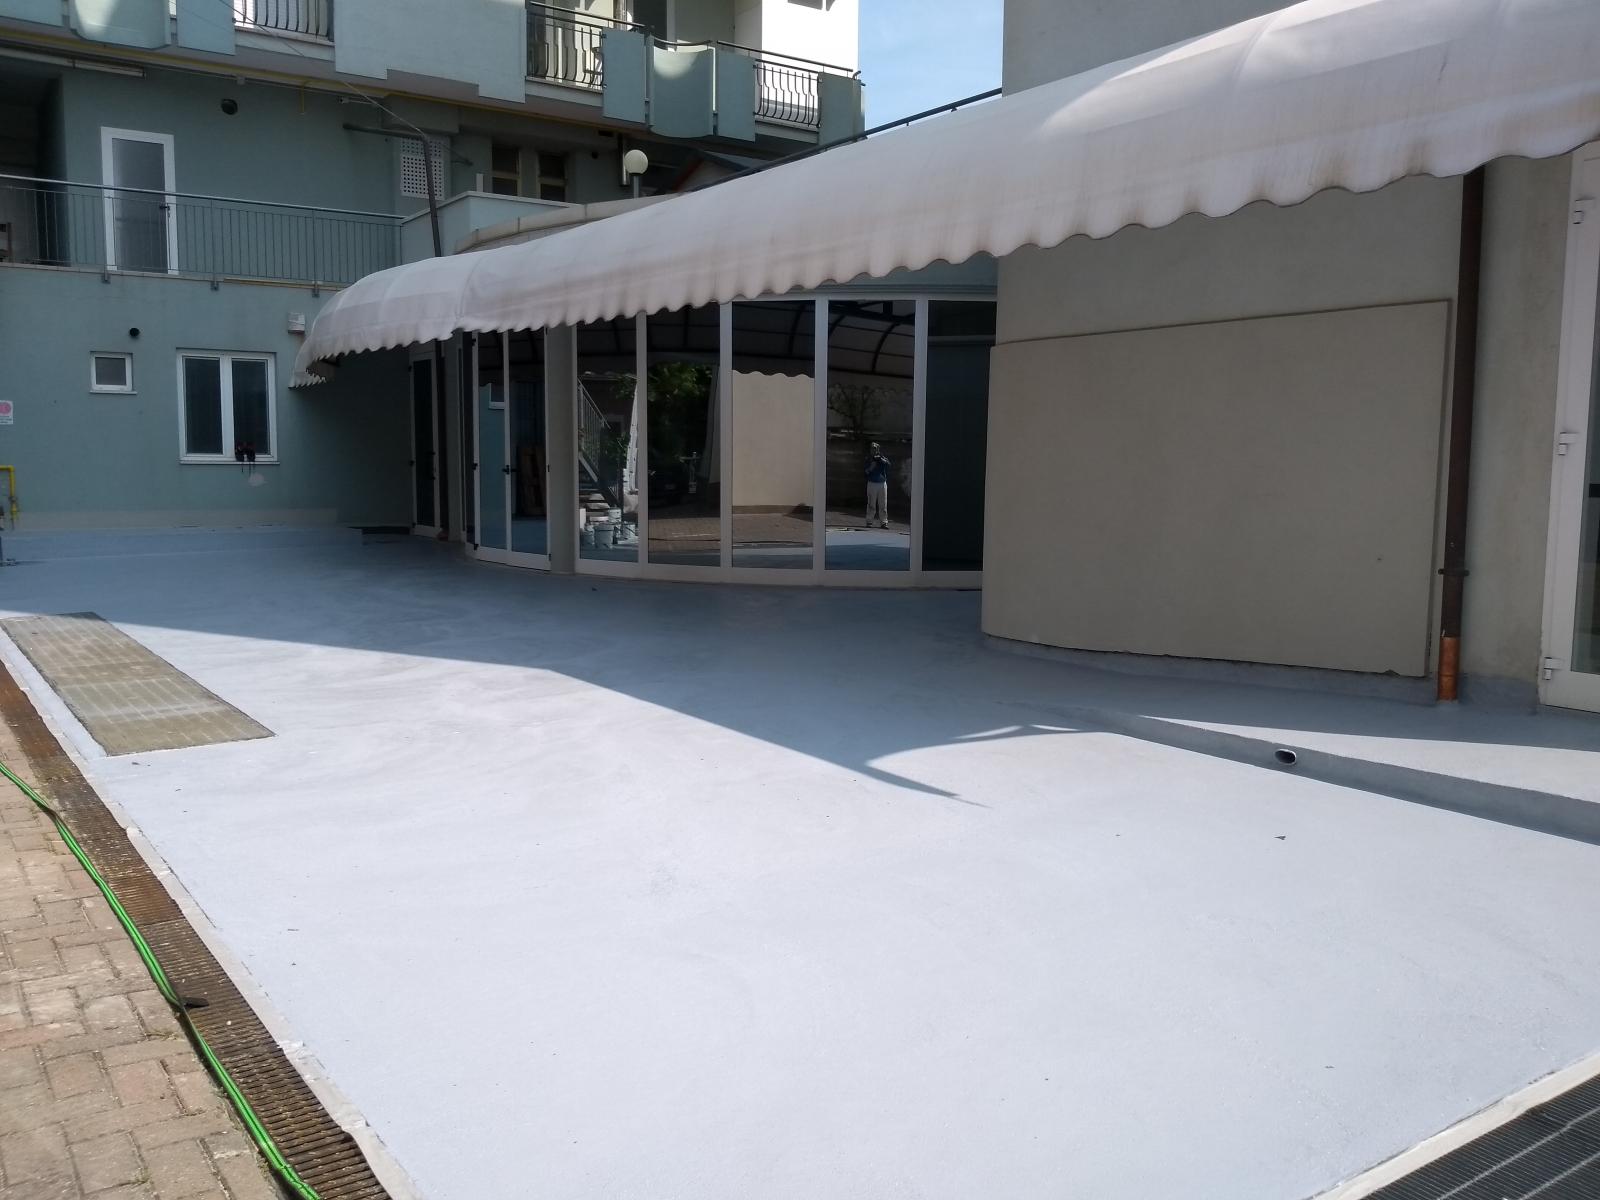 Impermeabilizzazione terrazzo con Cemenguaina e rivestimento in resina carrabile Flex Car Naici